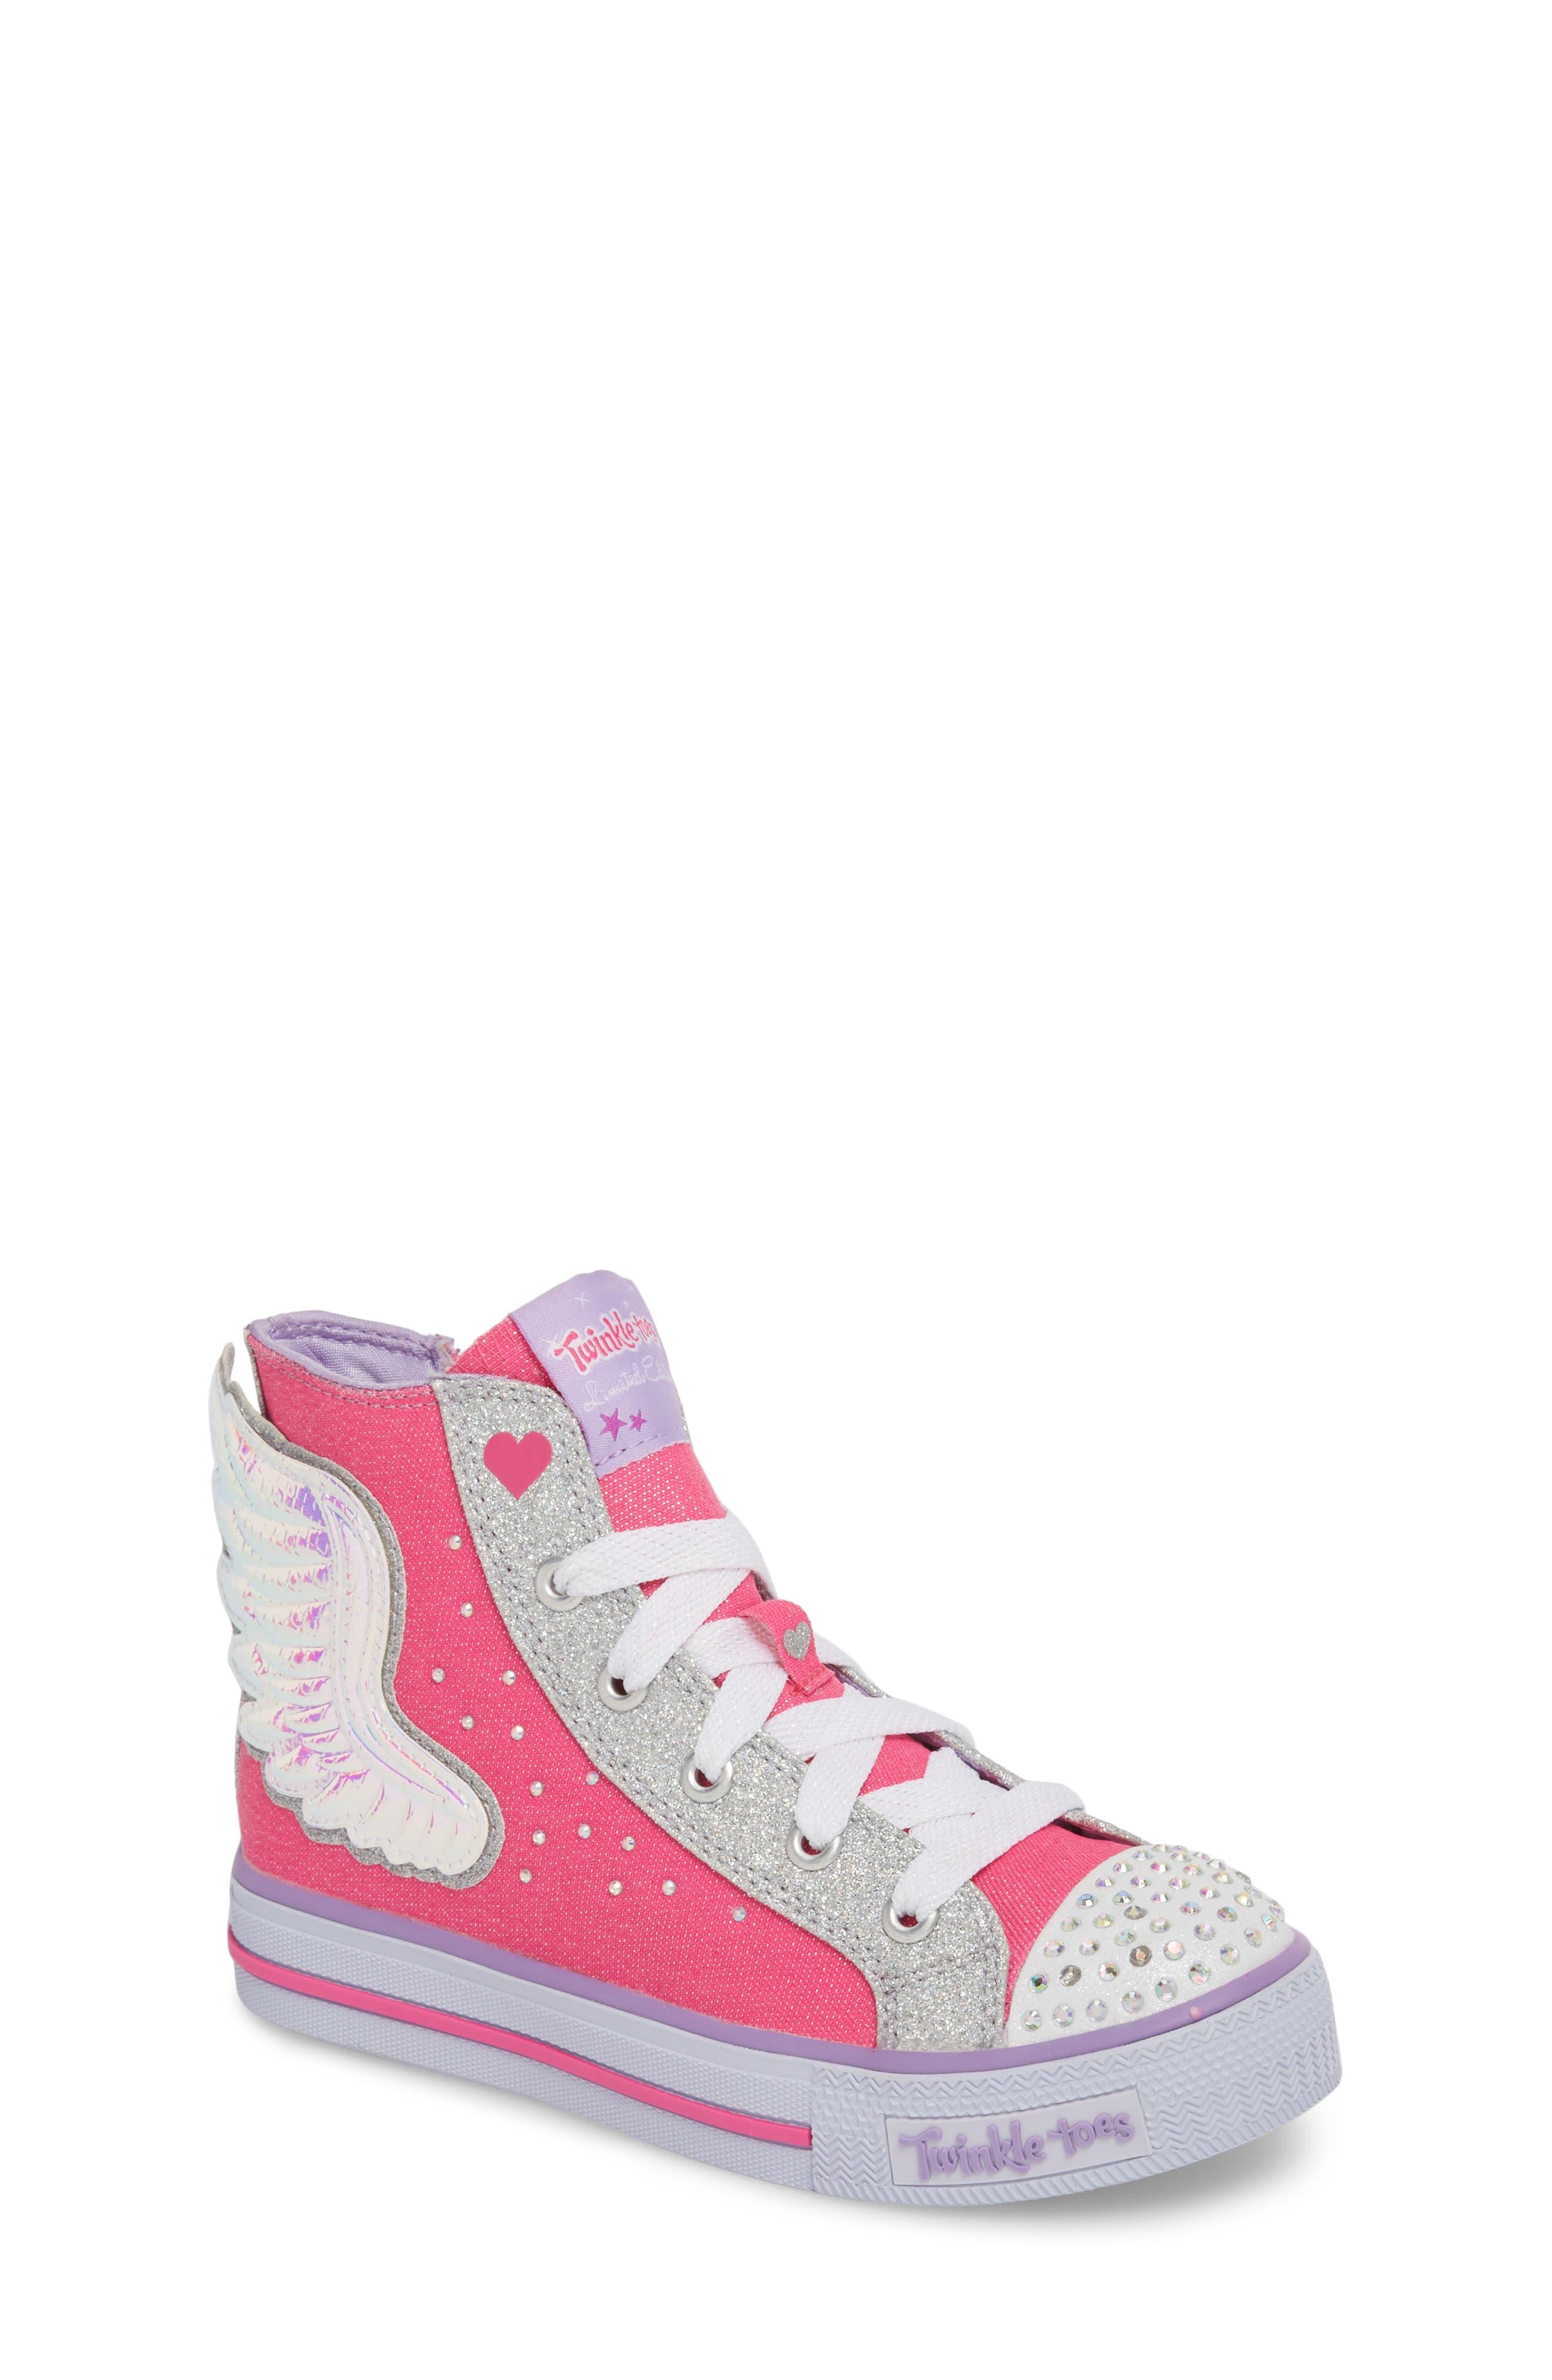 Skechers | Twinkle Toes Shuffles Wonder